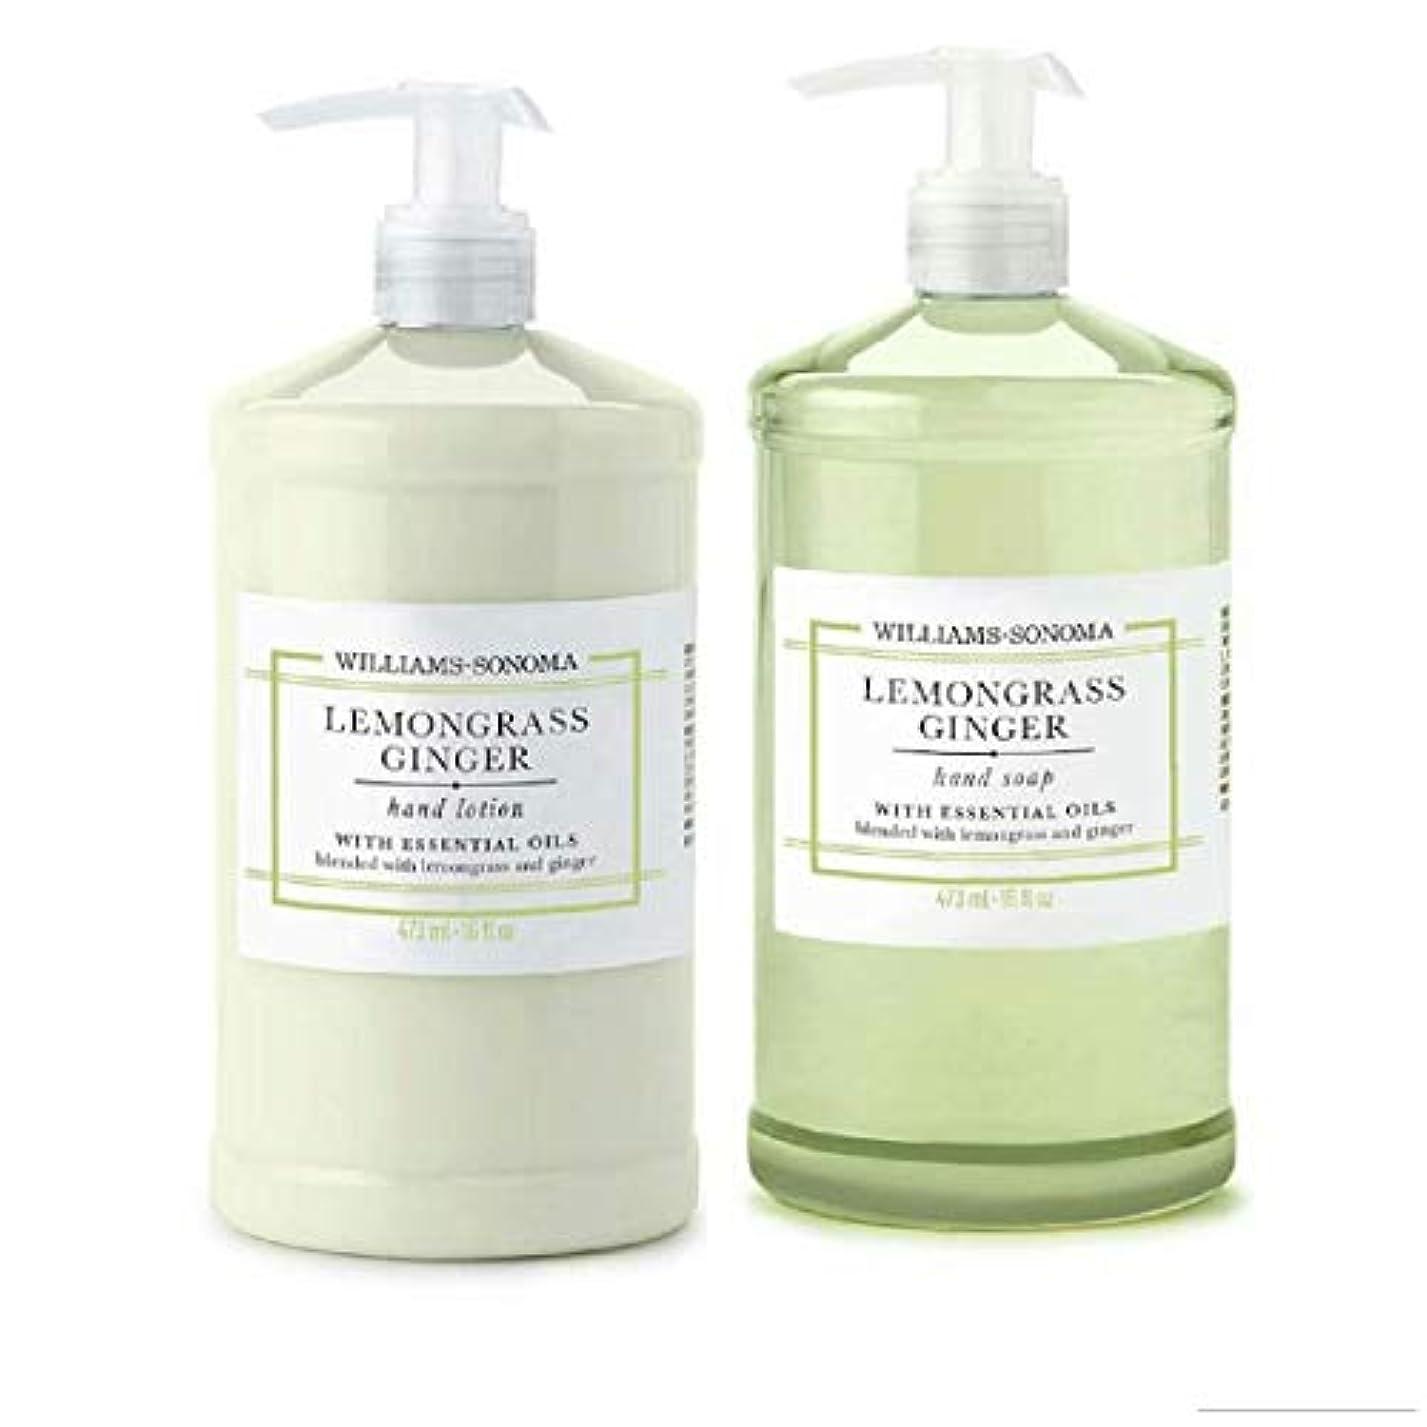 バンドル小石提唱するWilliams Sonoma Lemongrass Ginger Hand Soap and Hand Lotion 16 oz each [並行輸入品]